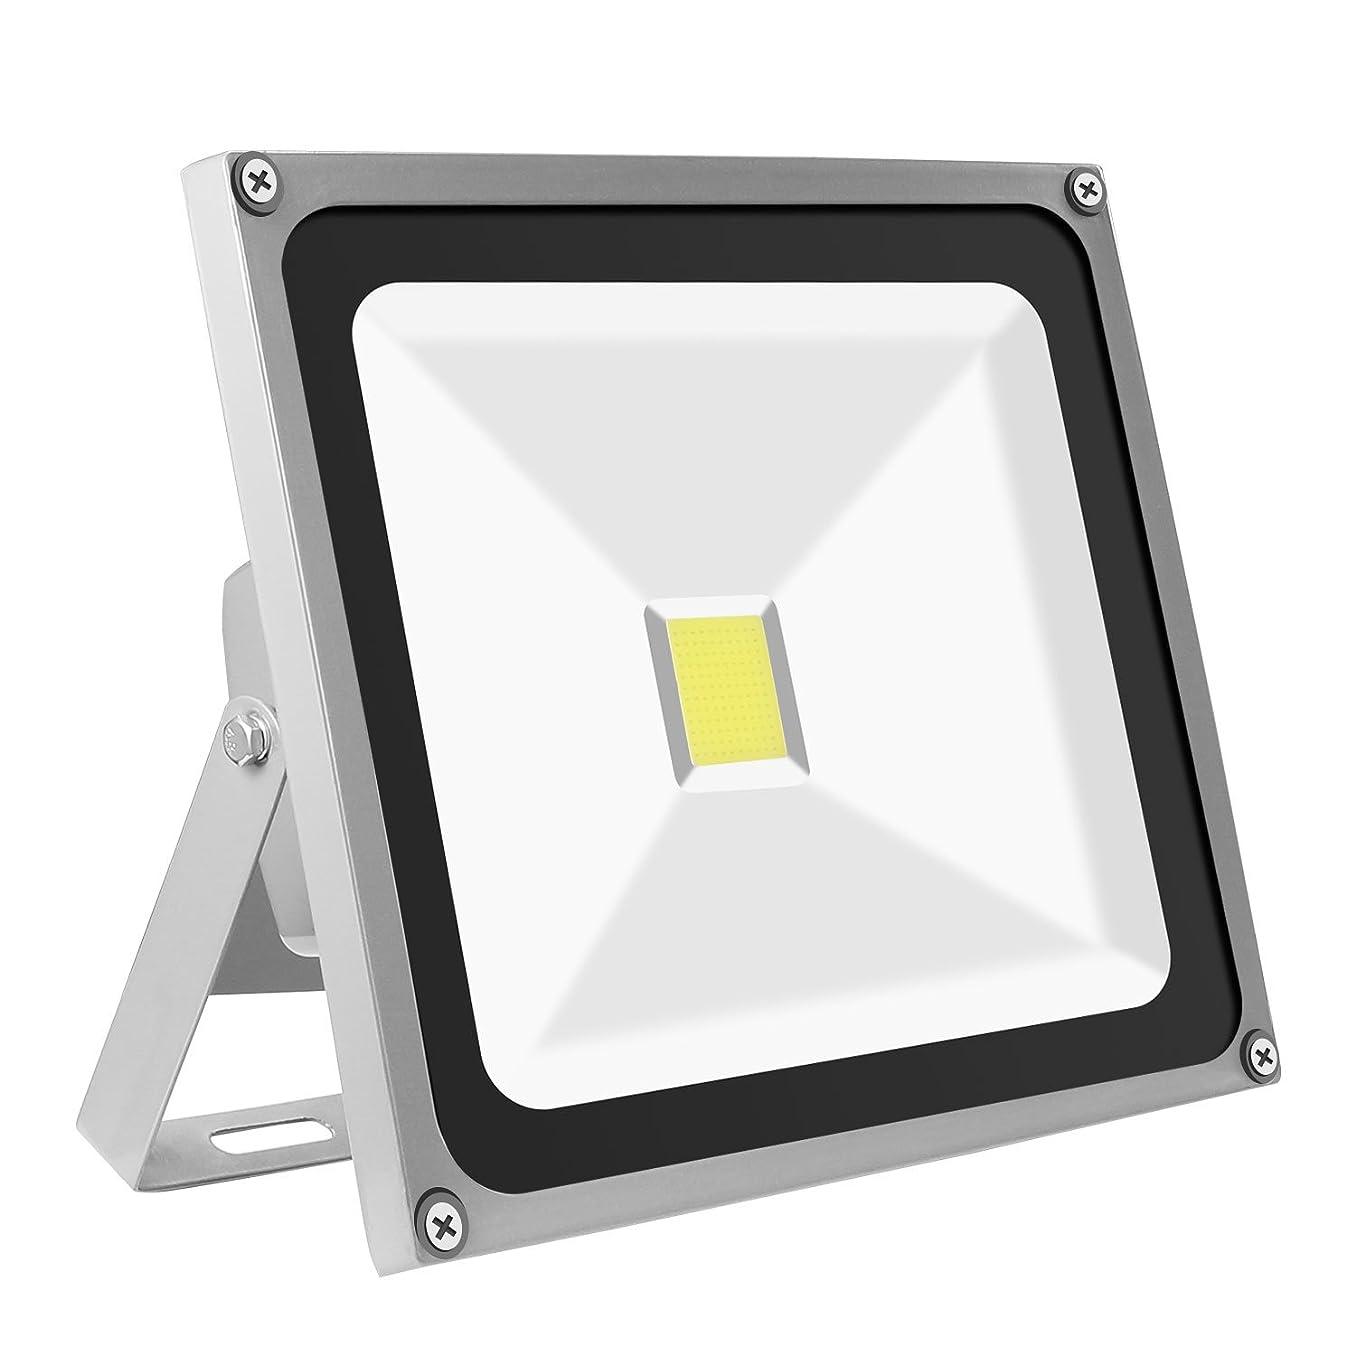 証言突き刺す廊下KIWEN LED投光器 50W LEDライト 昼光色 銀色 作業灯 看板灯 集魚灯 駐車場用 防水 長寿命 1年品質保証